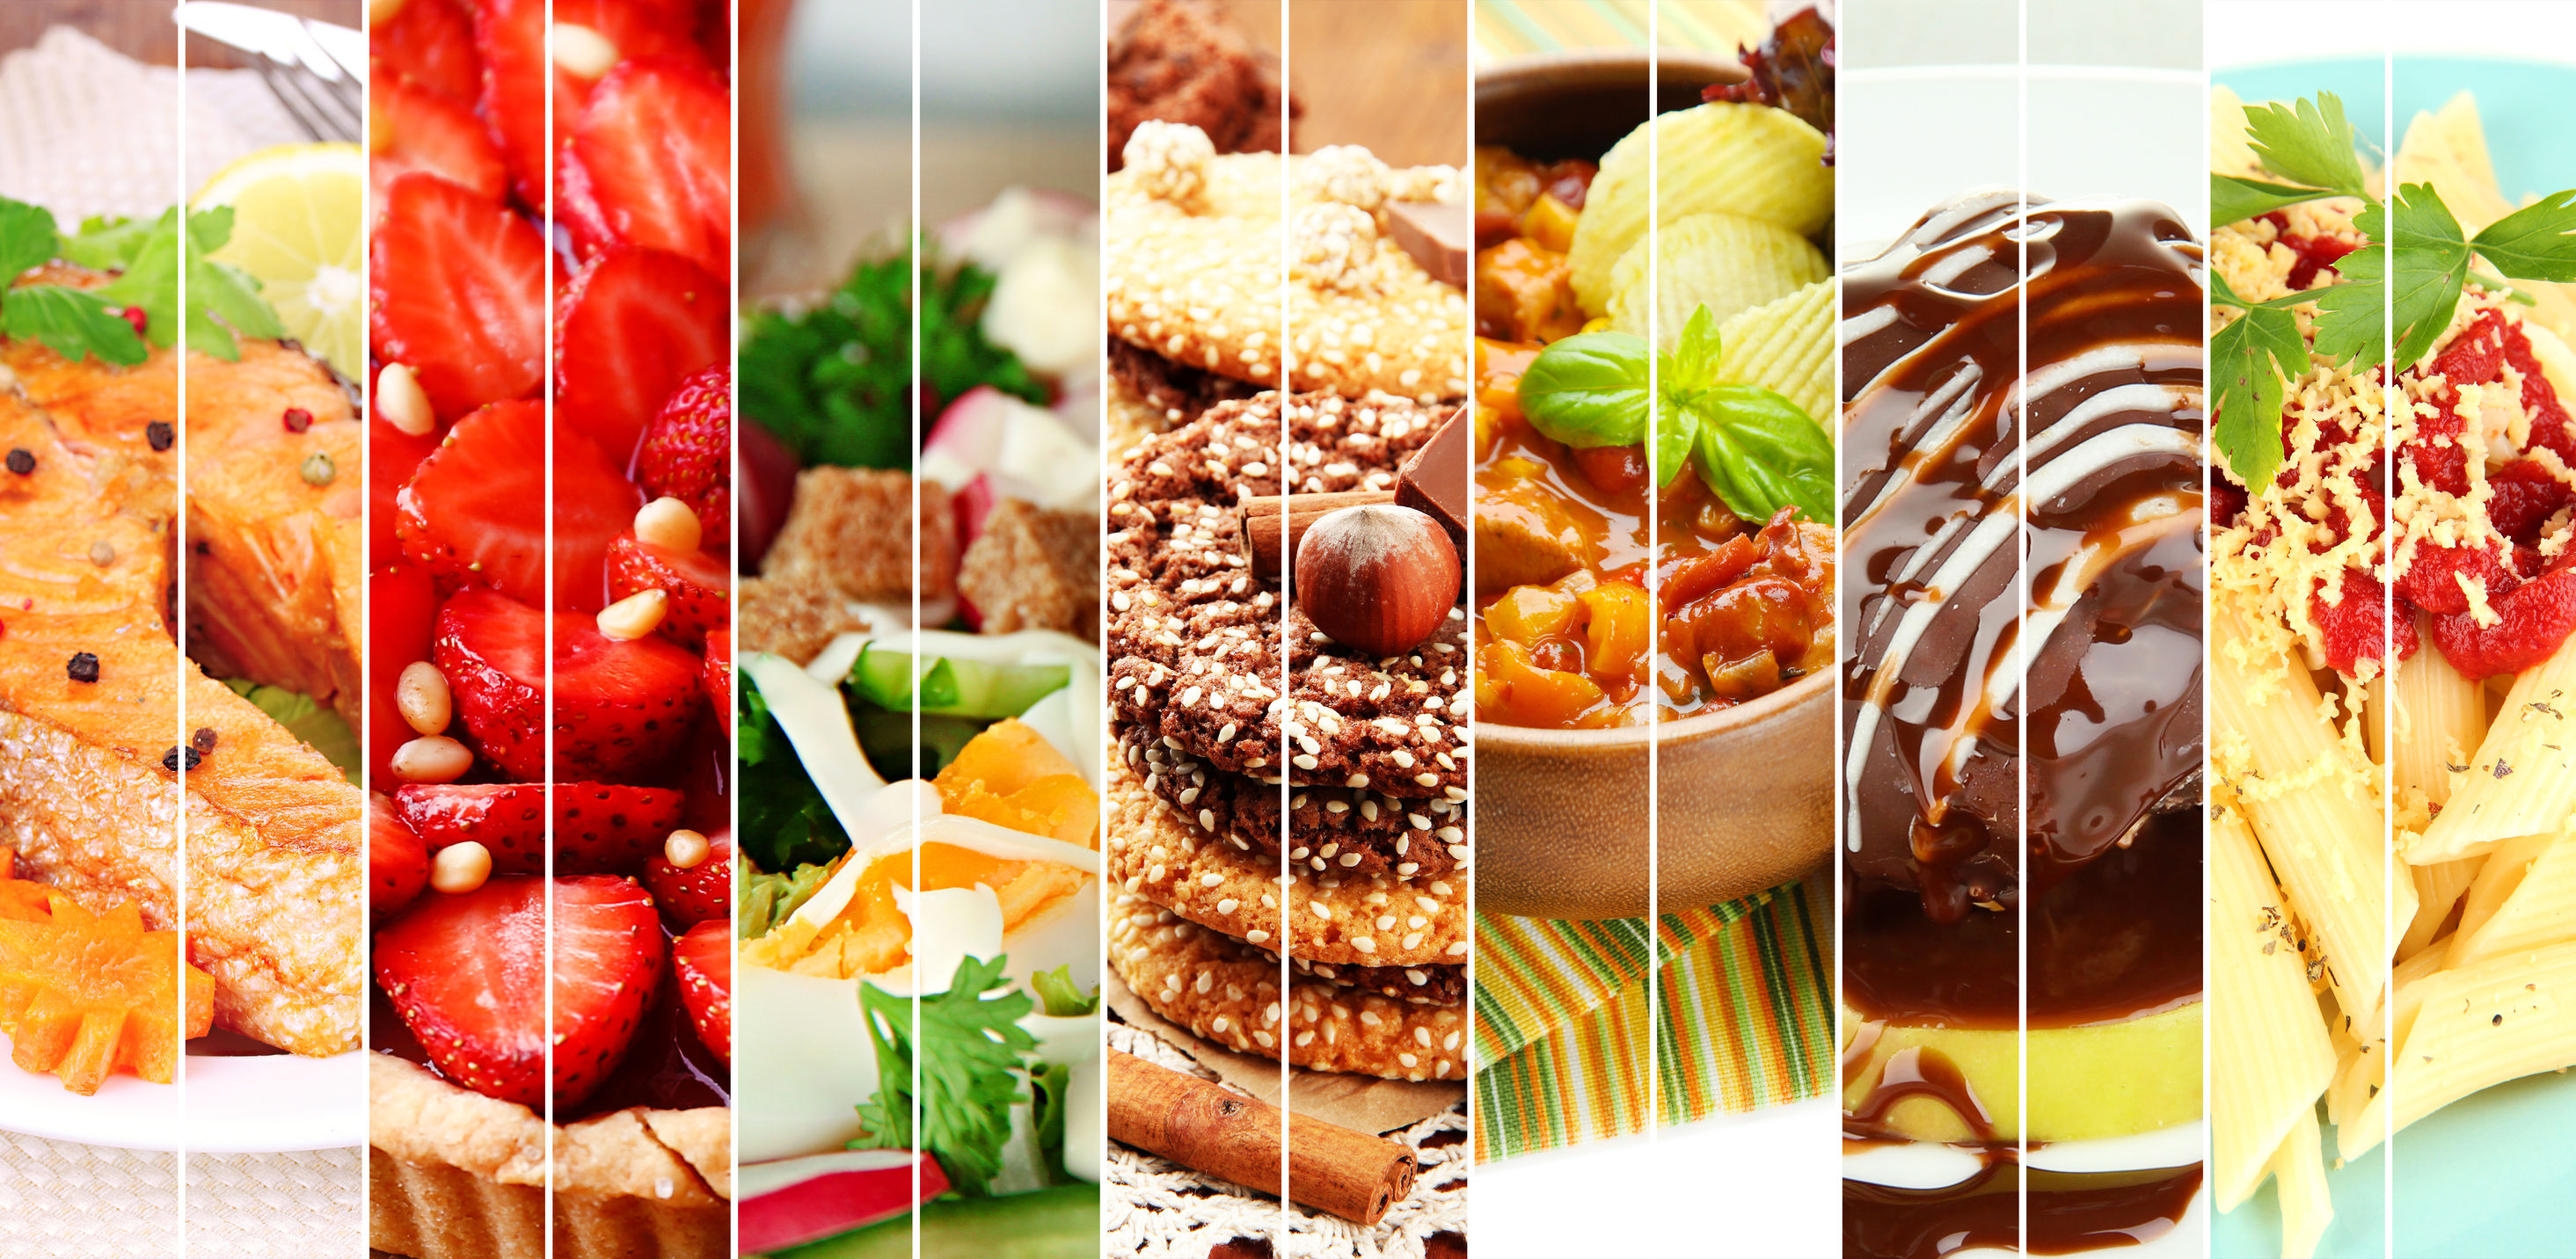 cibi sani e ricchi per perdere peso